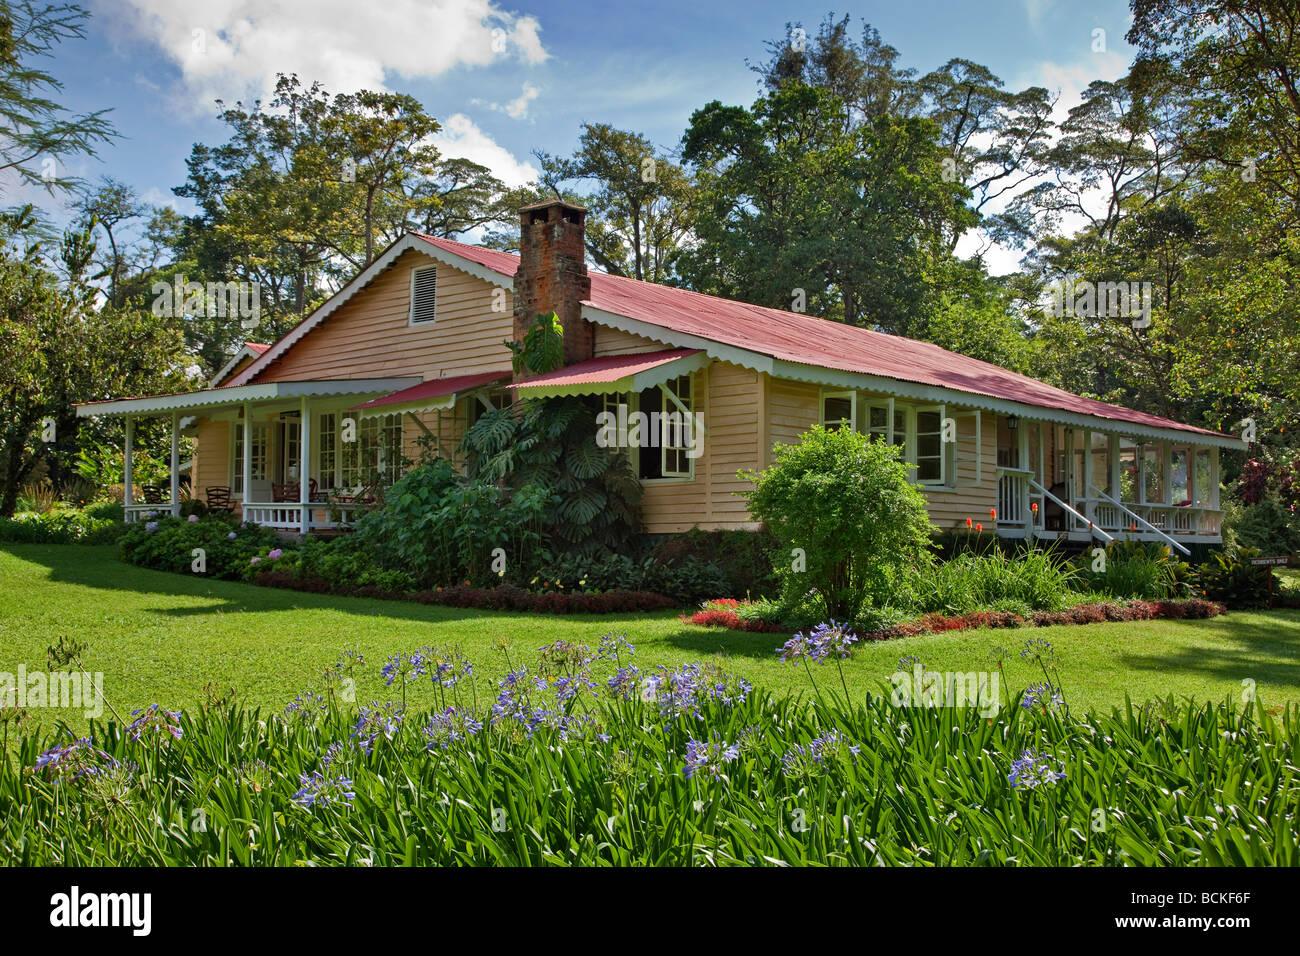 Au Kenya. Le bâtiment principal de Rondo Retreat situé dans de beaux jardins dans la forêt tropicale de Kakamega, à l'ouest du Kenya. Banque D'Images